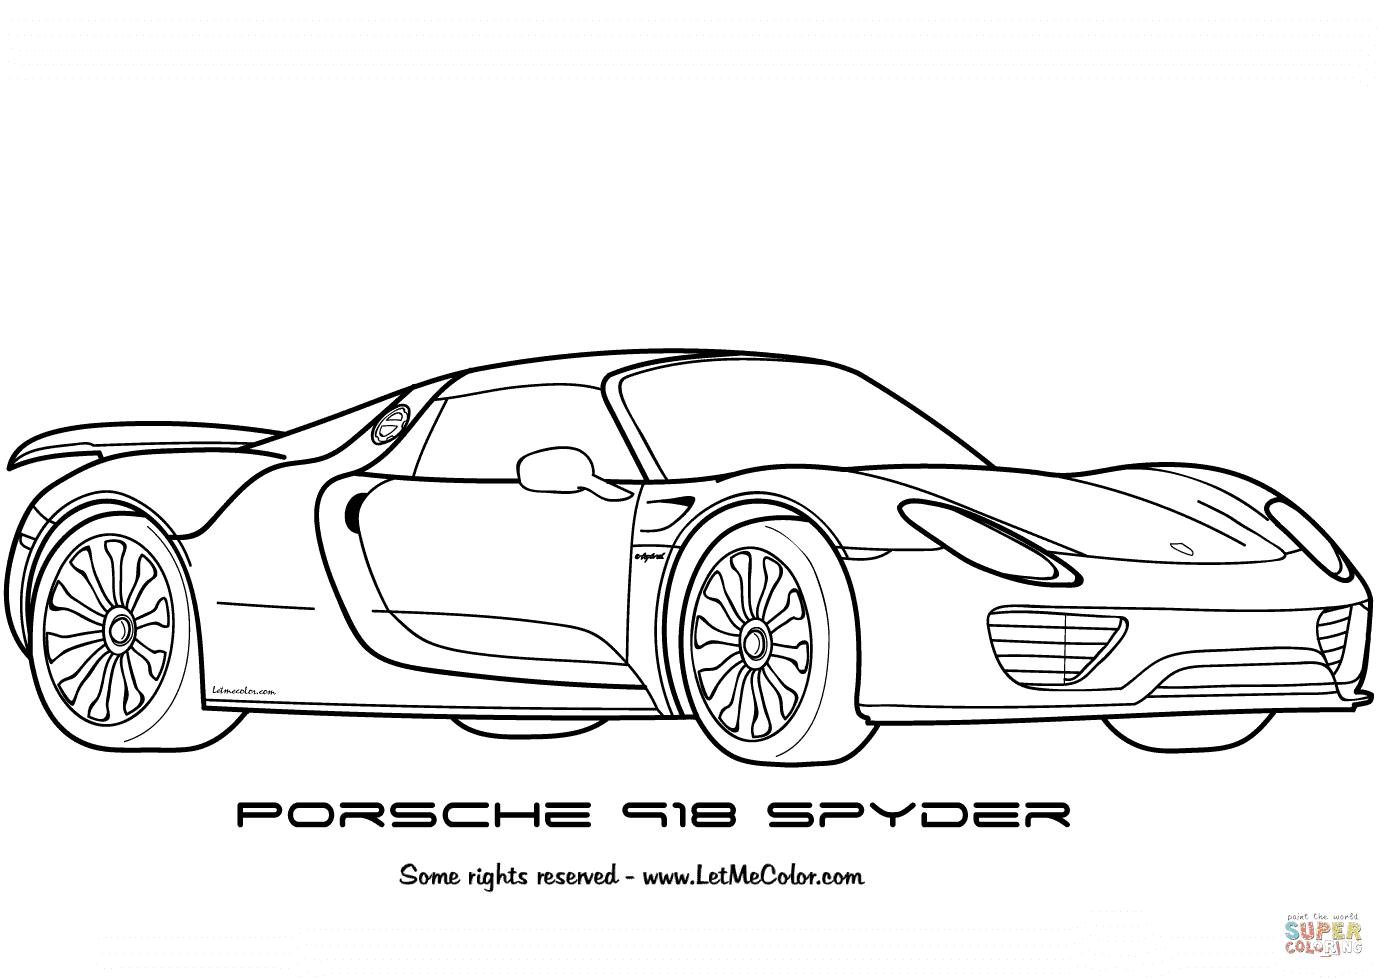 Ausmalbild: Porsche 918 Spyder  Ausmalbilder kostenlos zum ausdrucken